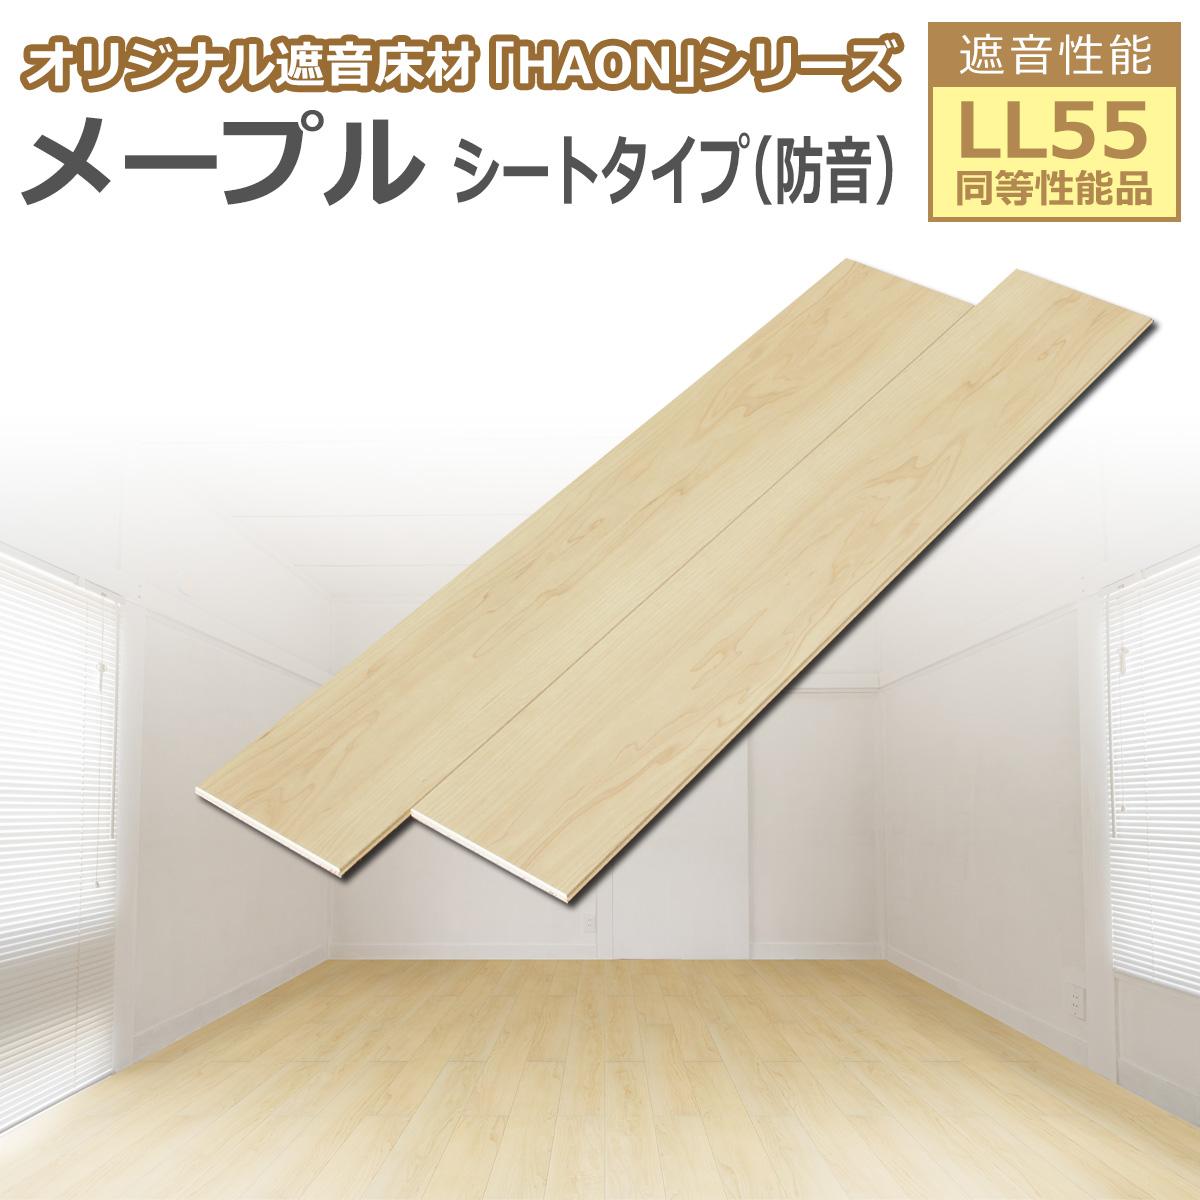 オリジナル遮音床材「HAON」シリーズ メープル シートタイプ(防音) 遮音性能LL55同等性能品